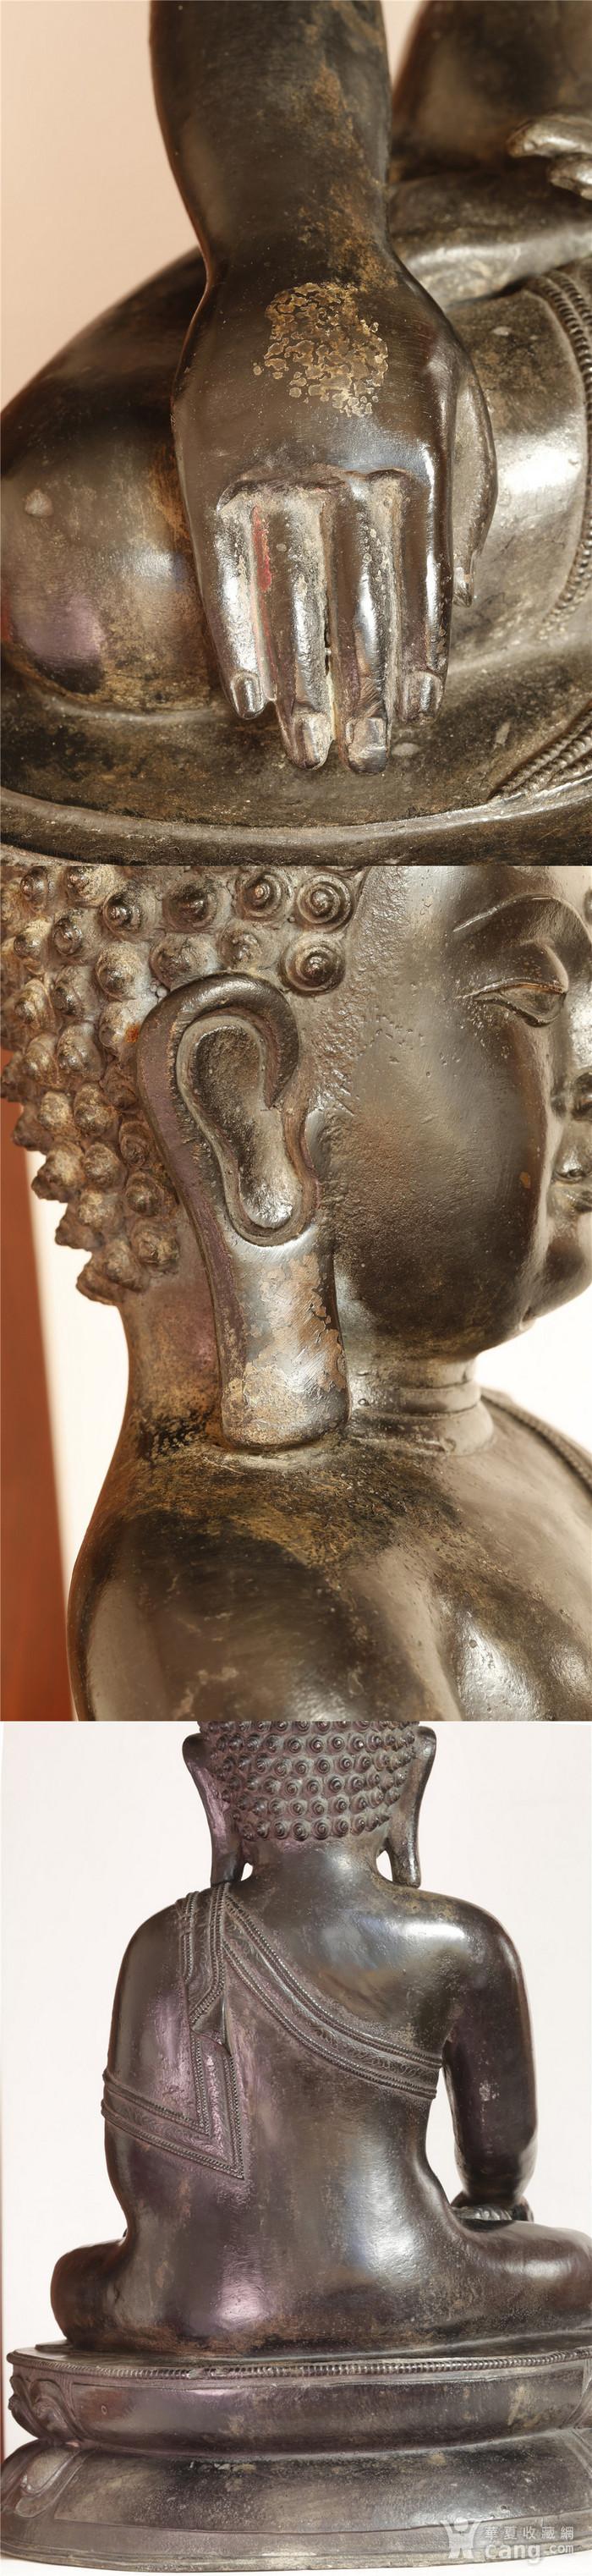 重33斤高47厘米  清中期释迦摩尼铜佛像图10